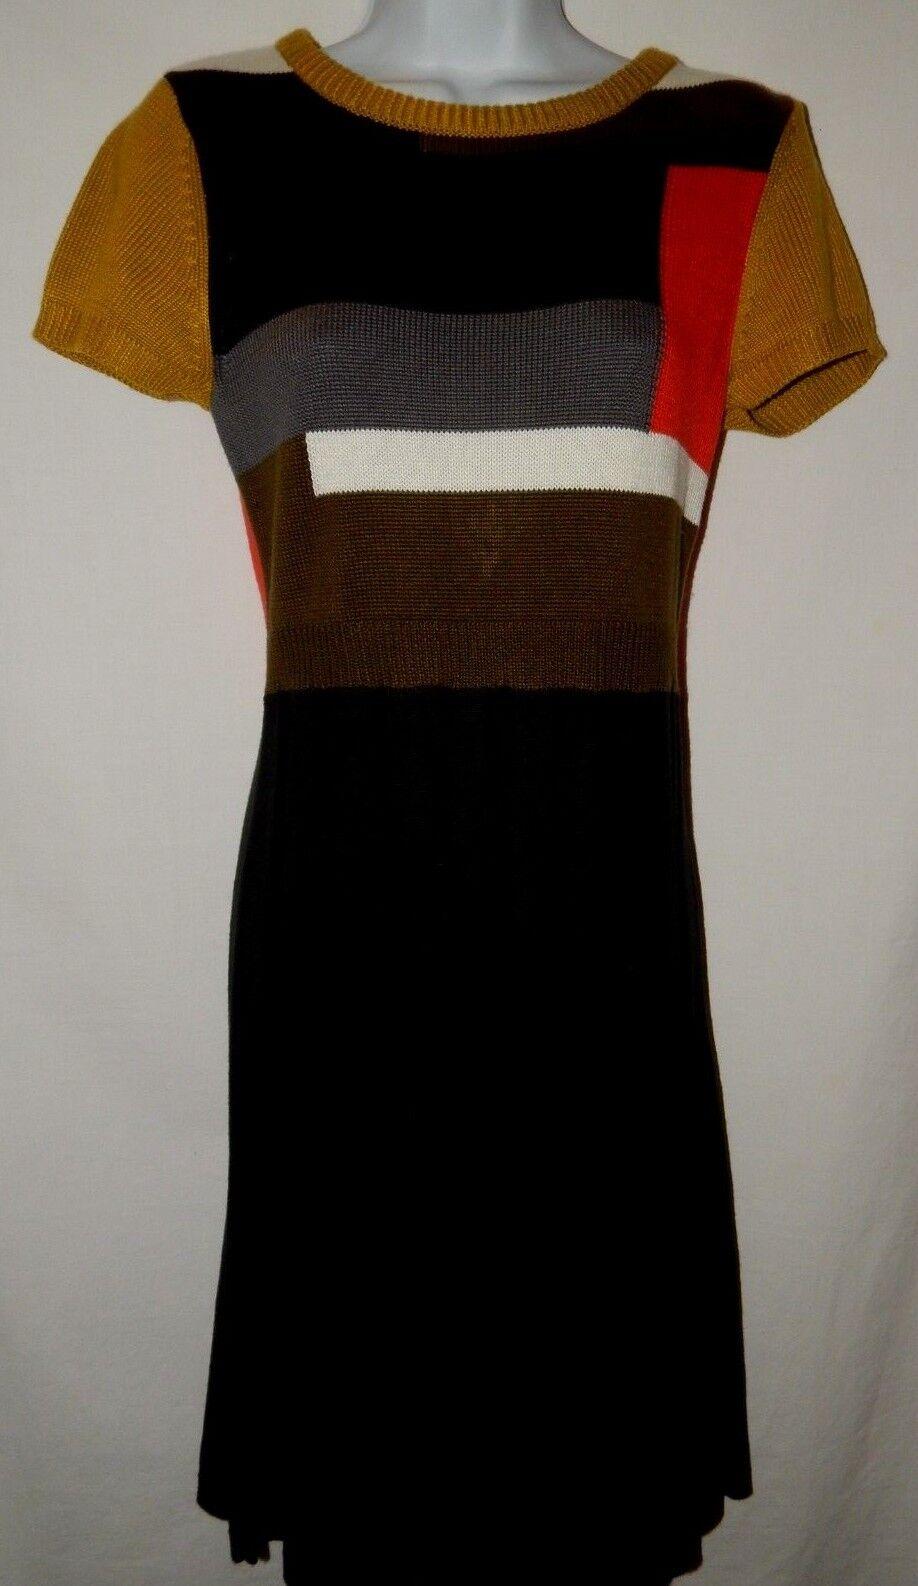 Robe de Pull M Vince. Camuto Bloc de Robe Couleur Mince et Evasé Plissé Noir Vert D145 544a59